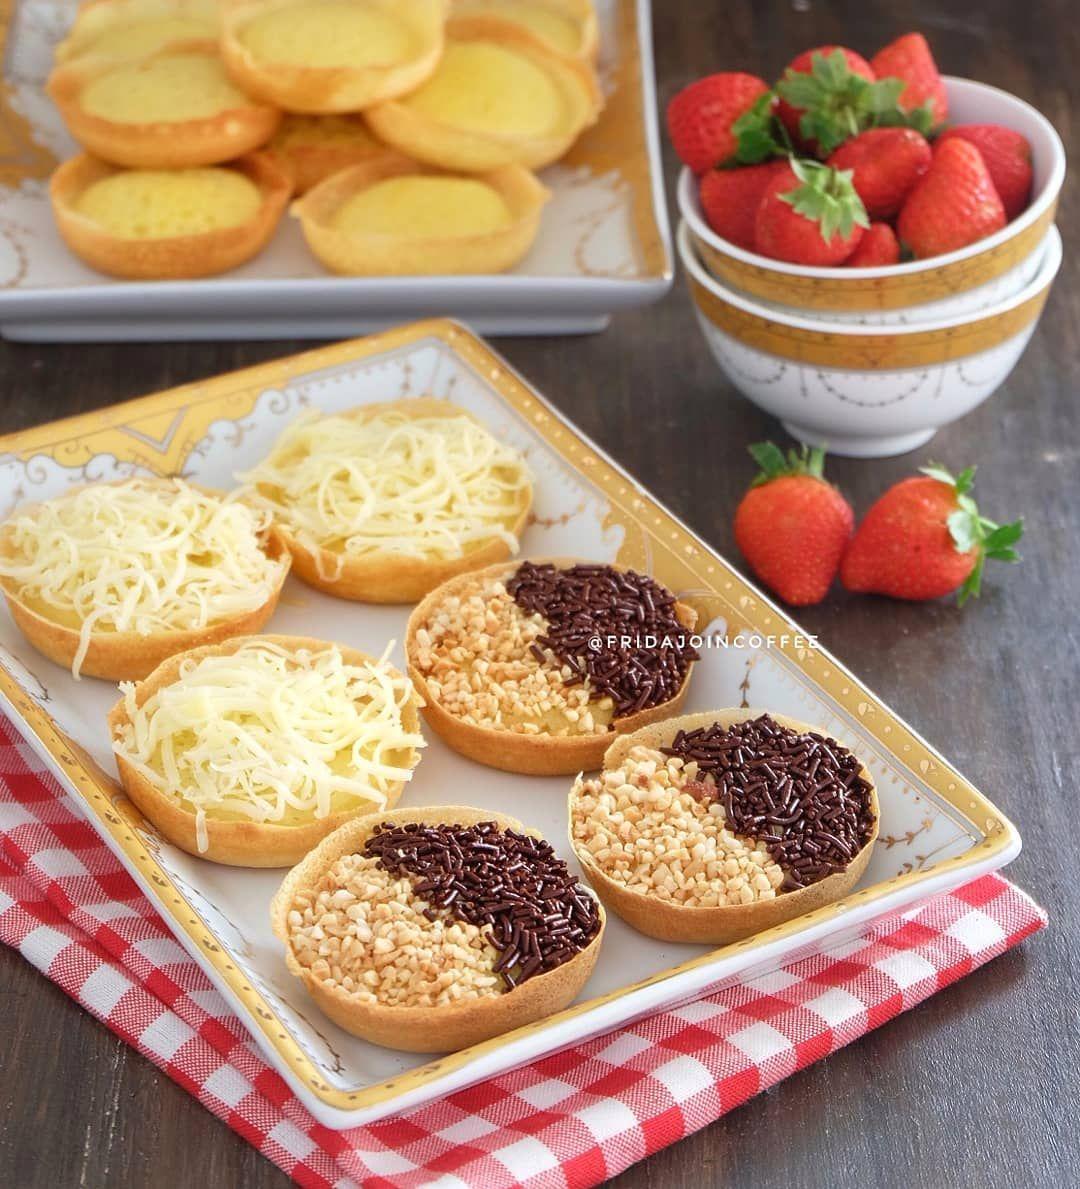 Resep Martabak Manis Mini Ala Rumahan Cocok Untuk Santapan Keluarga By Fridajoincoffee Makanan Resep Kue Lezat